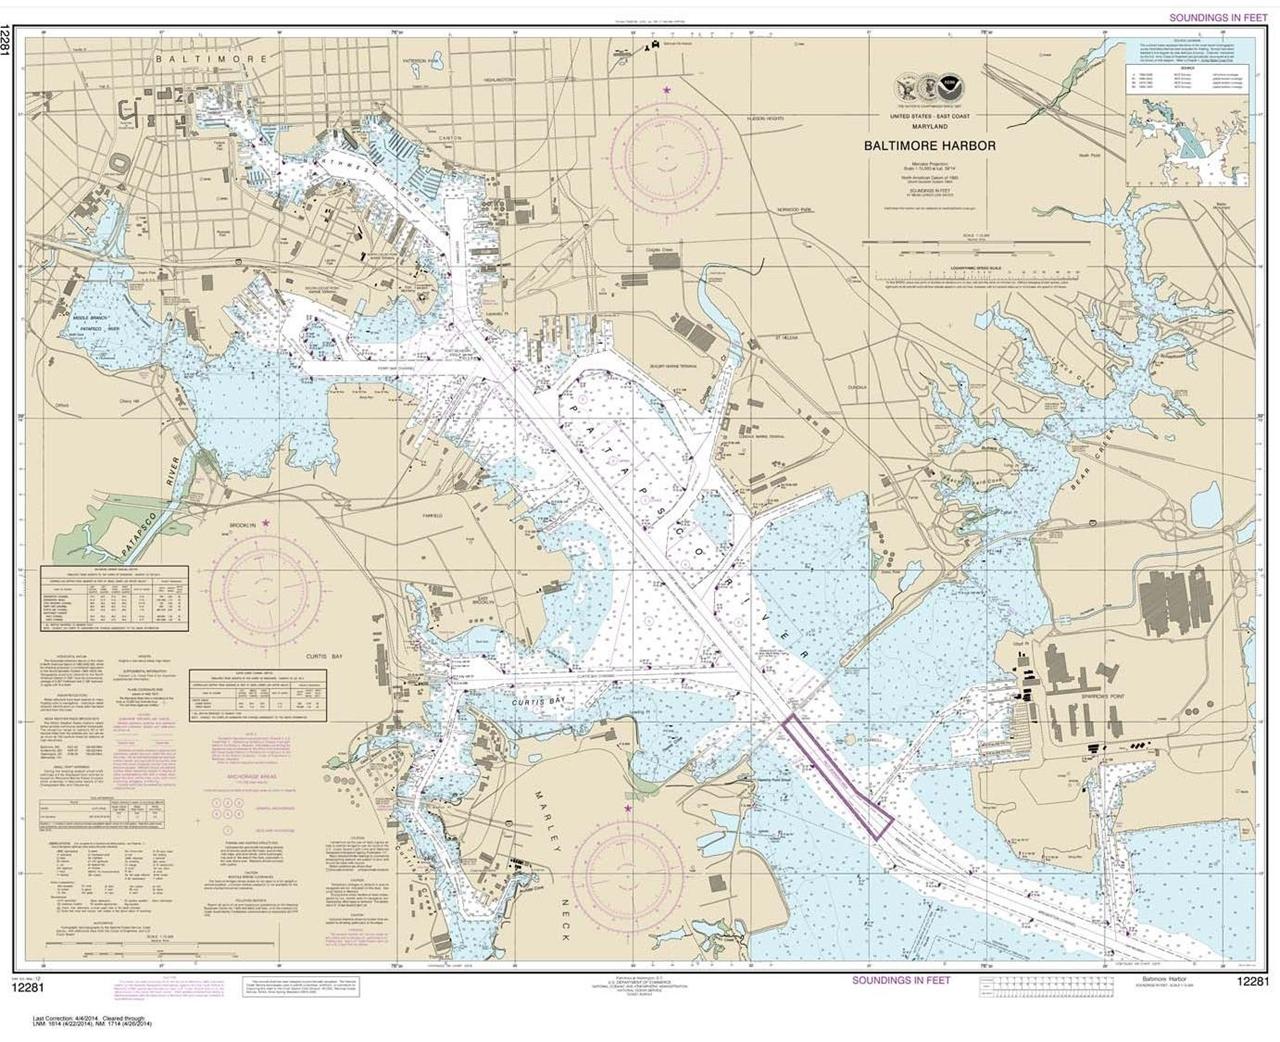 Themapstore Noaa Chart 12281 Chesapeake Bay Delaware